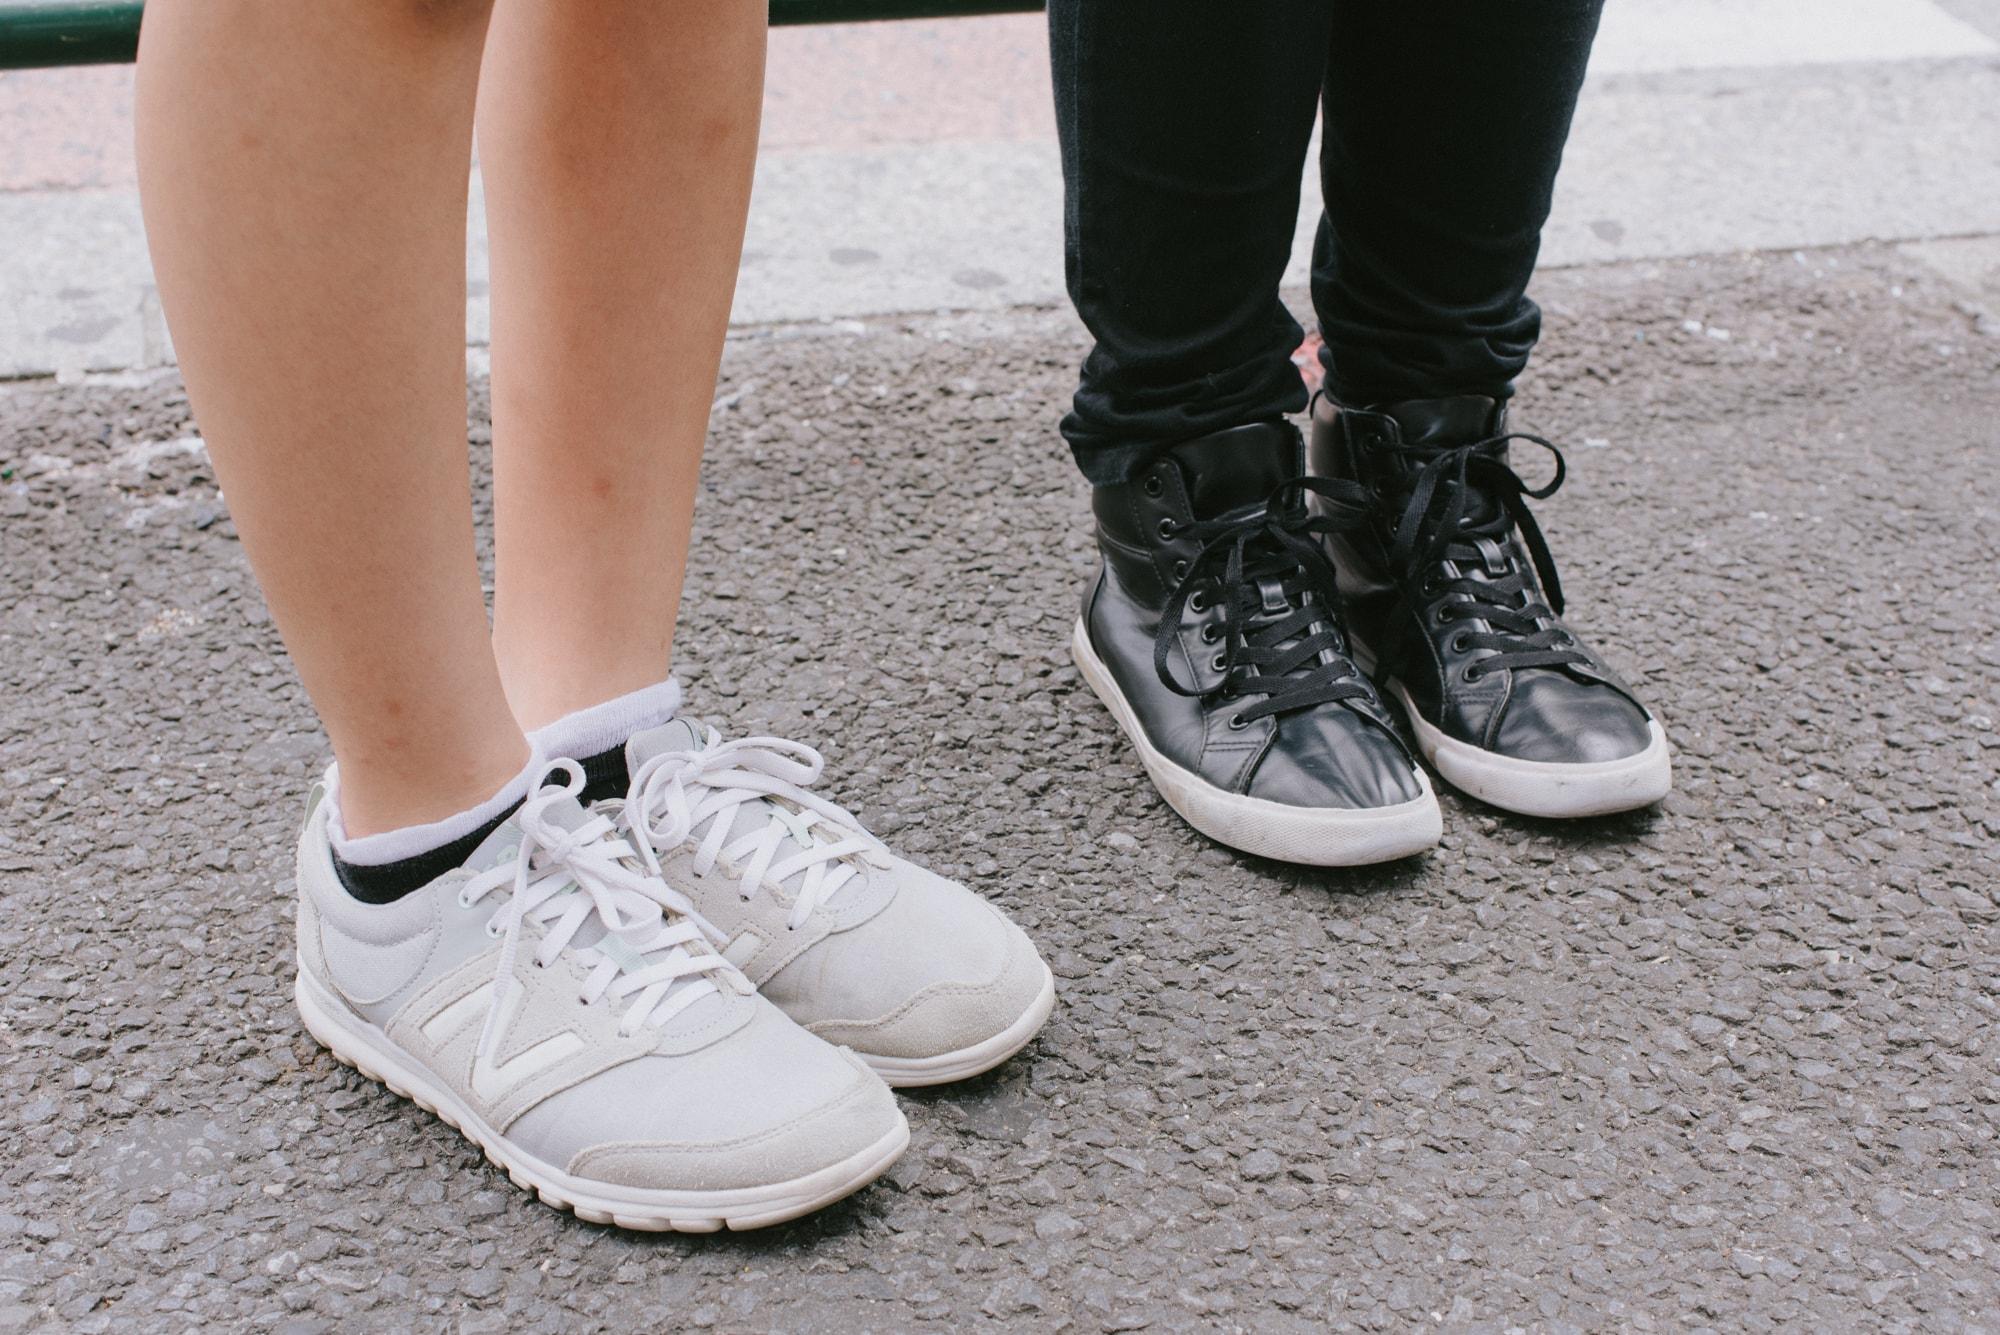 中学・高校生男子&女子の最新トレンドファションをチェック!原宿ストリートスナップ特集!